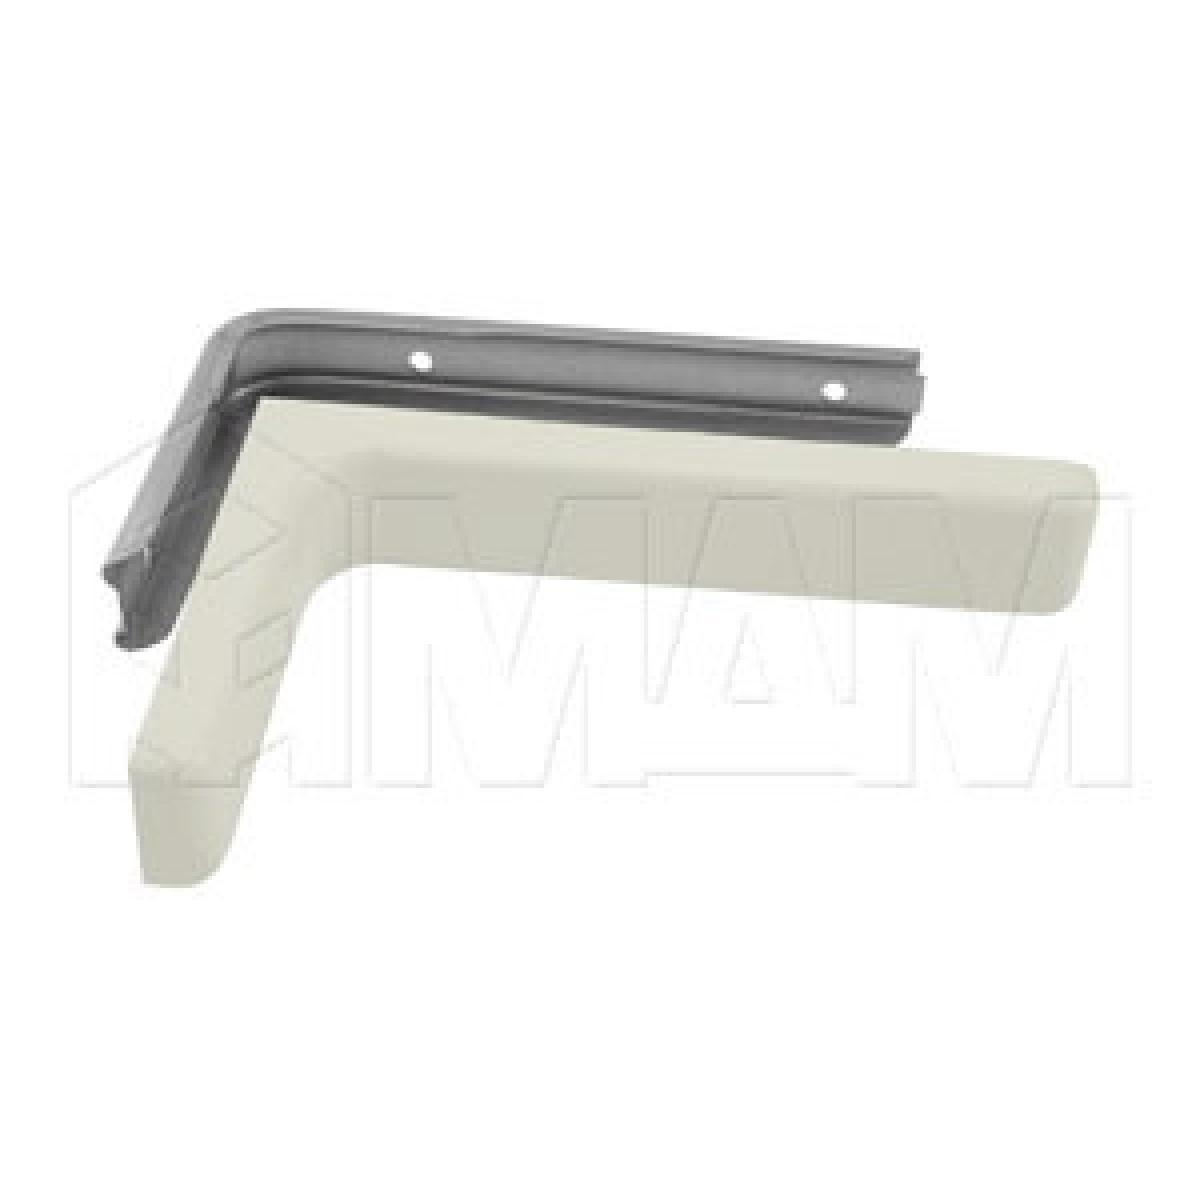 CORNER Менсолодержатель для деревянных полок с декоративной накладкой L-120 мм, белый (2 шт.)